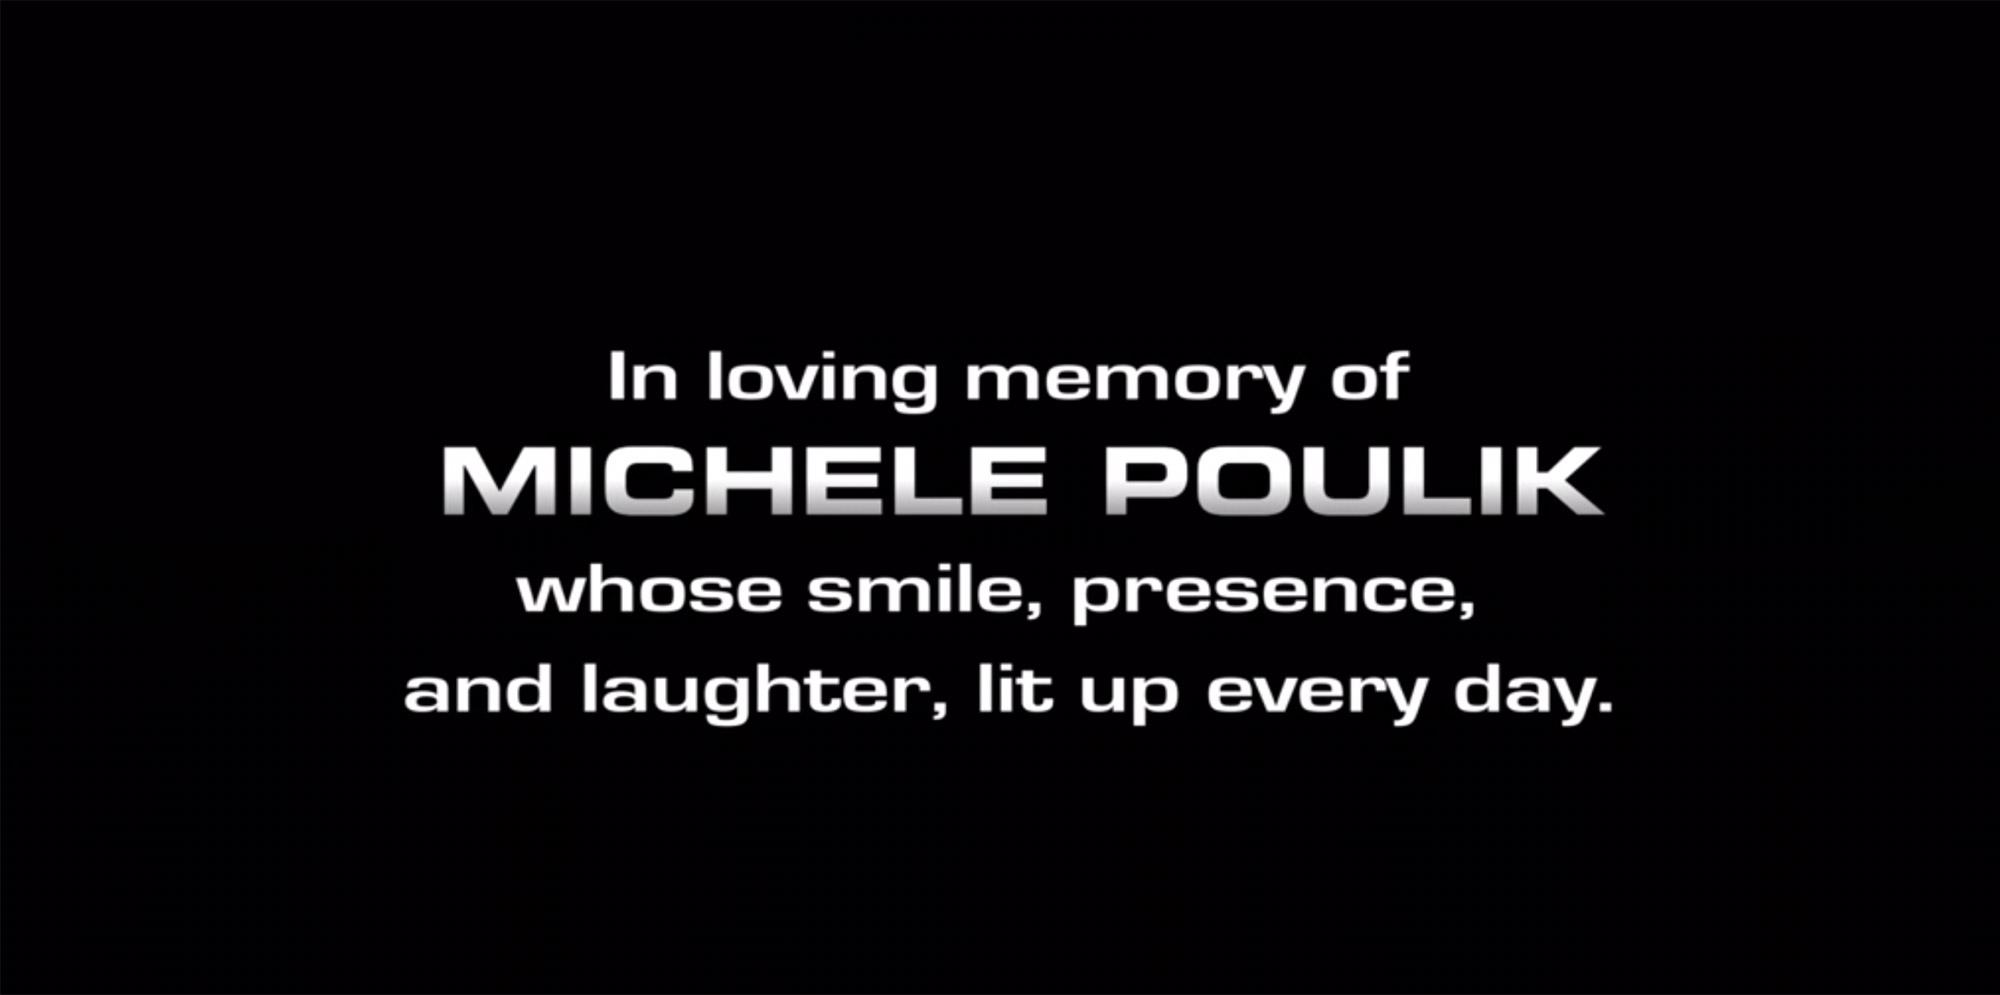 NCIS: Los Angeles Michele Poulik tribute